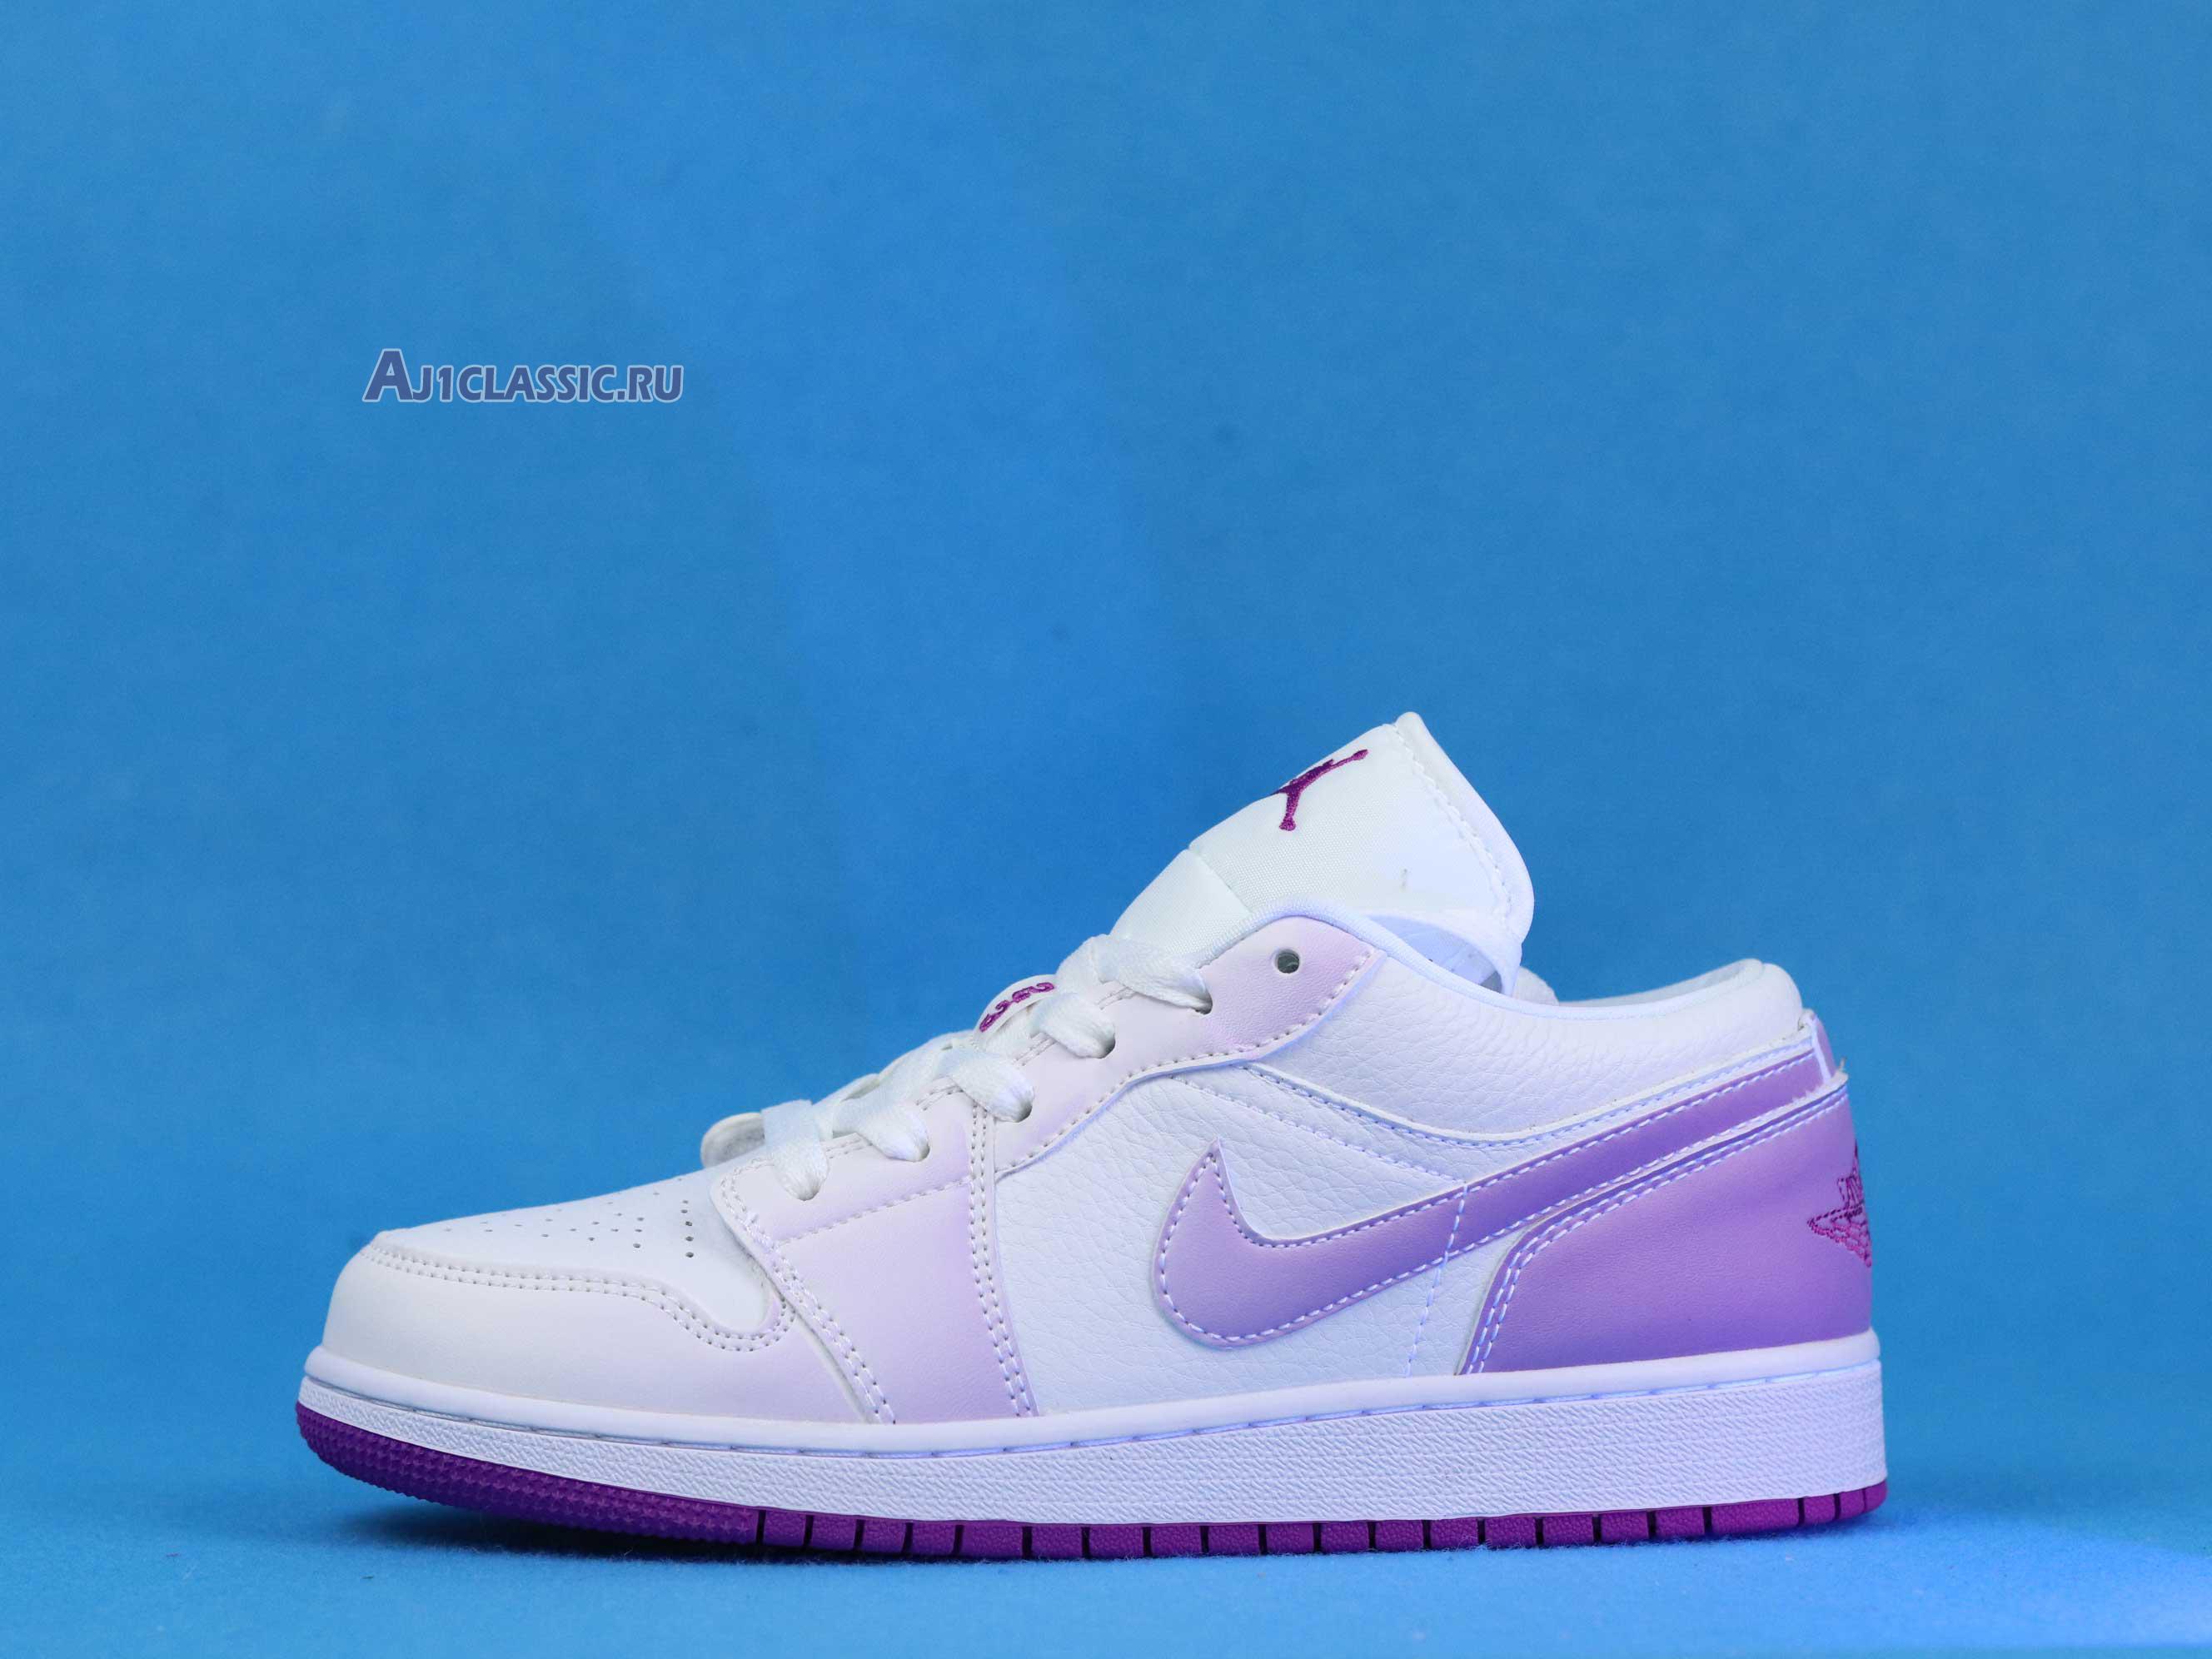 """Air Jordan 1 Low SE """"Court Purple Discoloration"""" 555112-ID"""